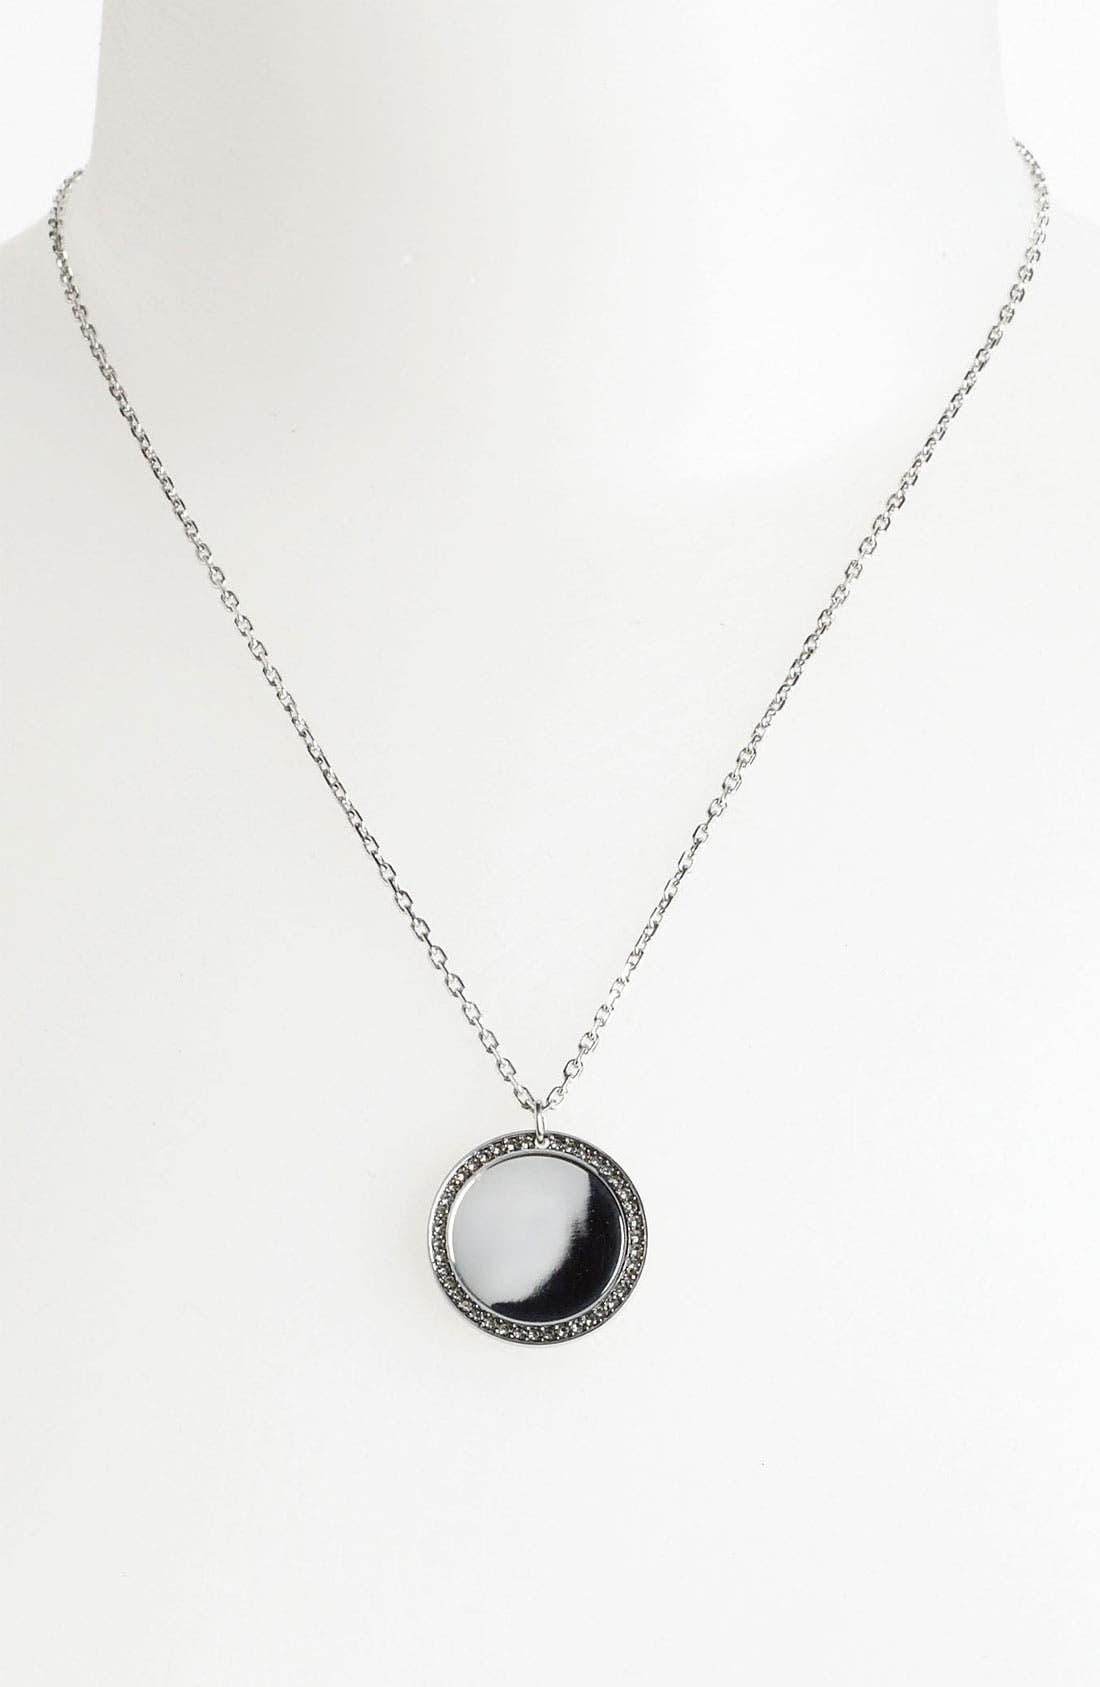 Main Image - Michael Kors 'Brilliance' Pendant Necklace